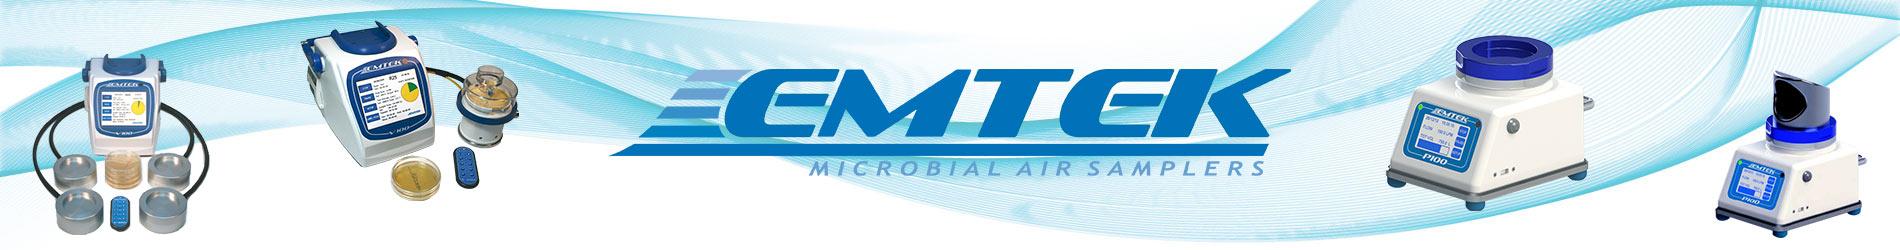 Biocollecteur d'air EMTEK